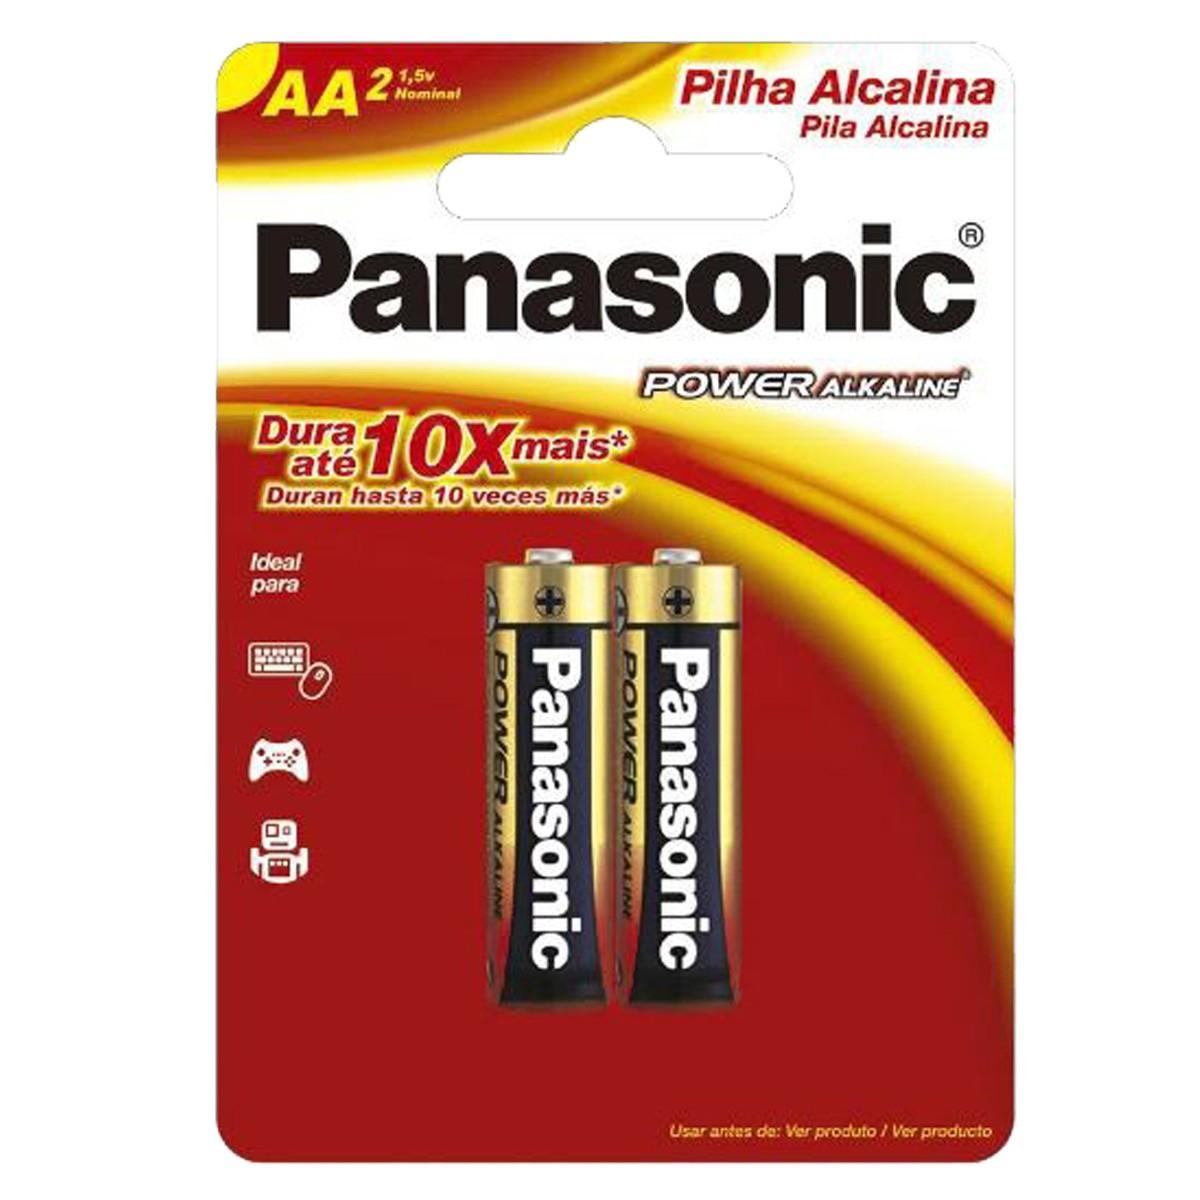 06 Pilhas AA Alcalina PANASONIC 3 cartelas